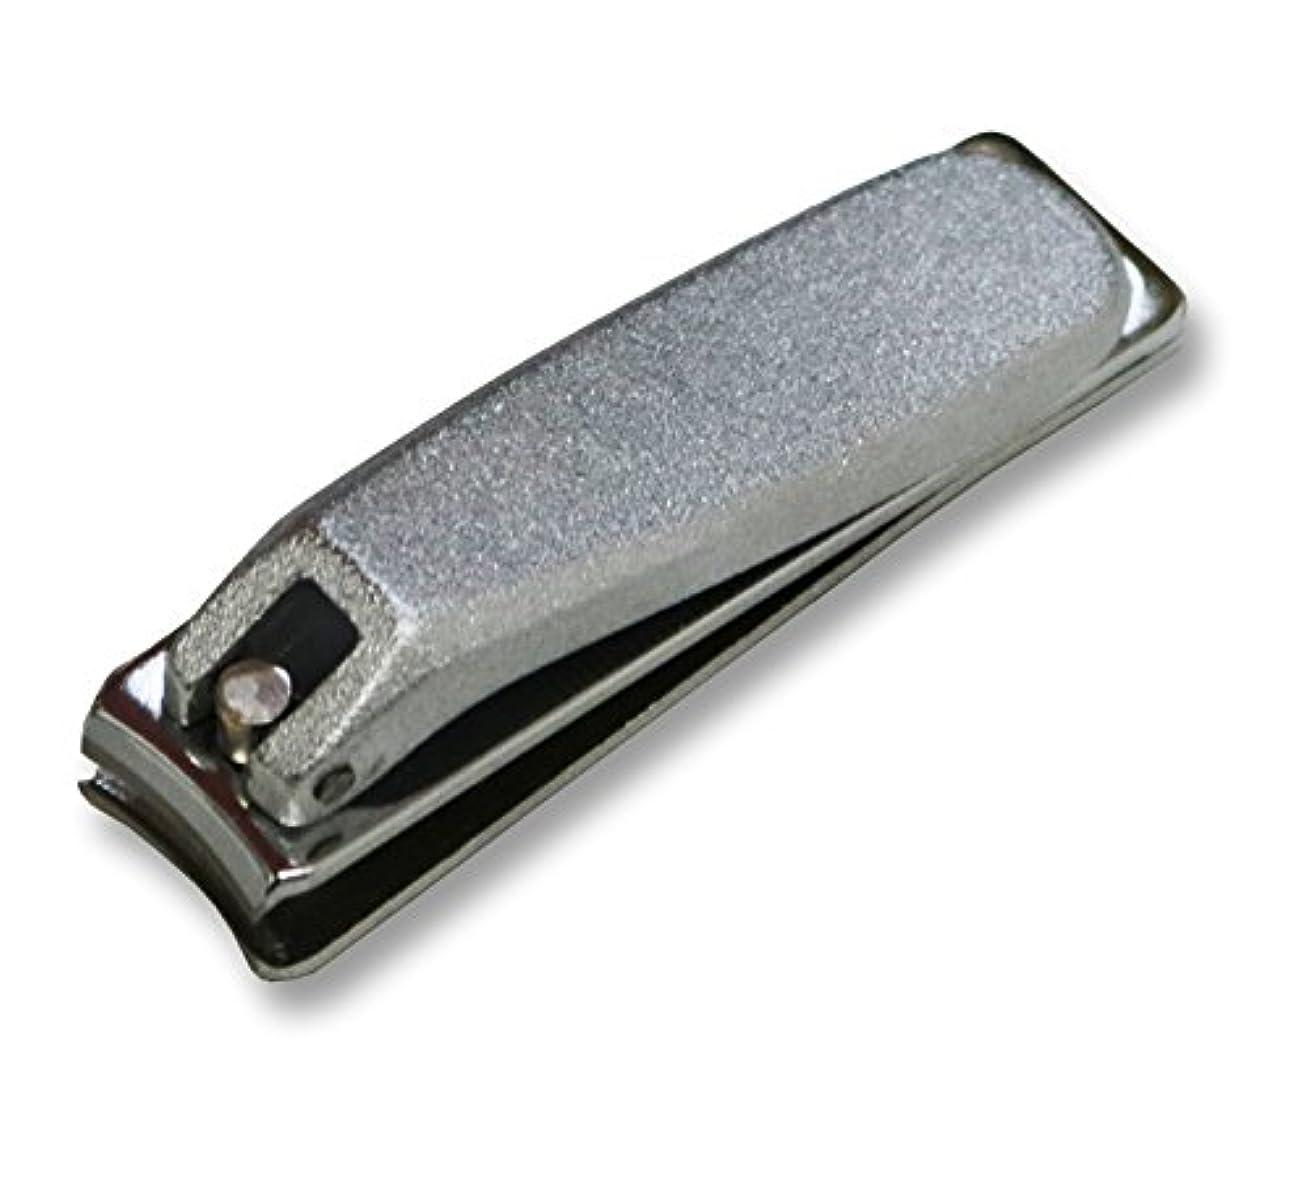 害虫義務的プレートKD-023 関の刃物 クローム爪切 小 カバー無